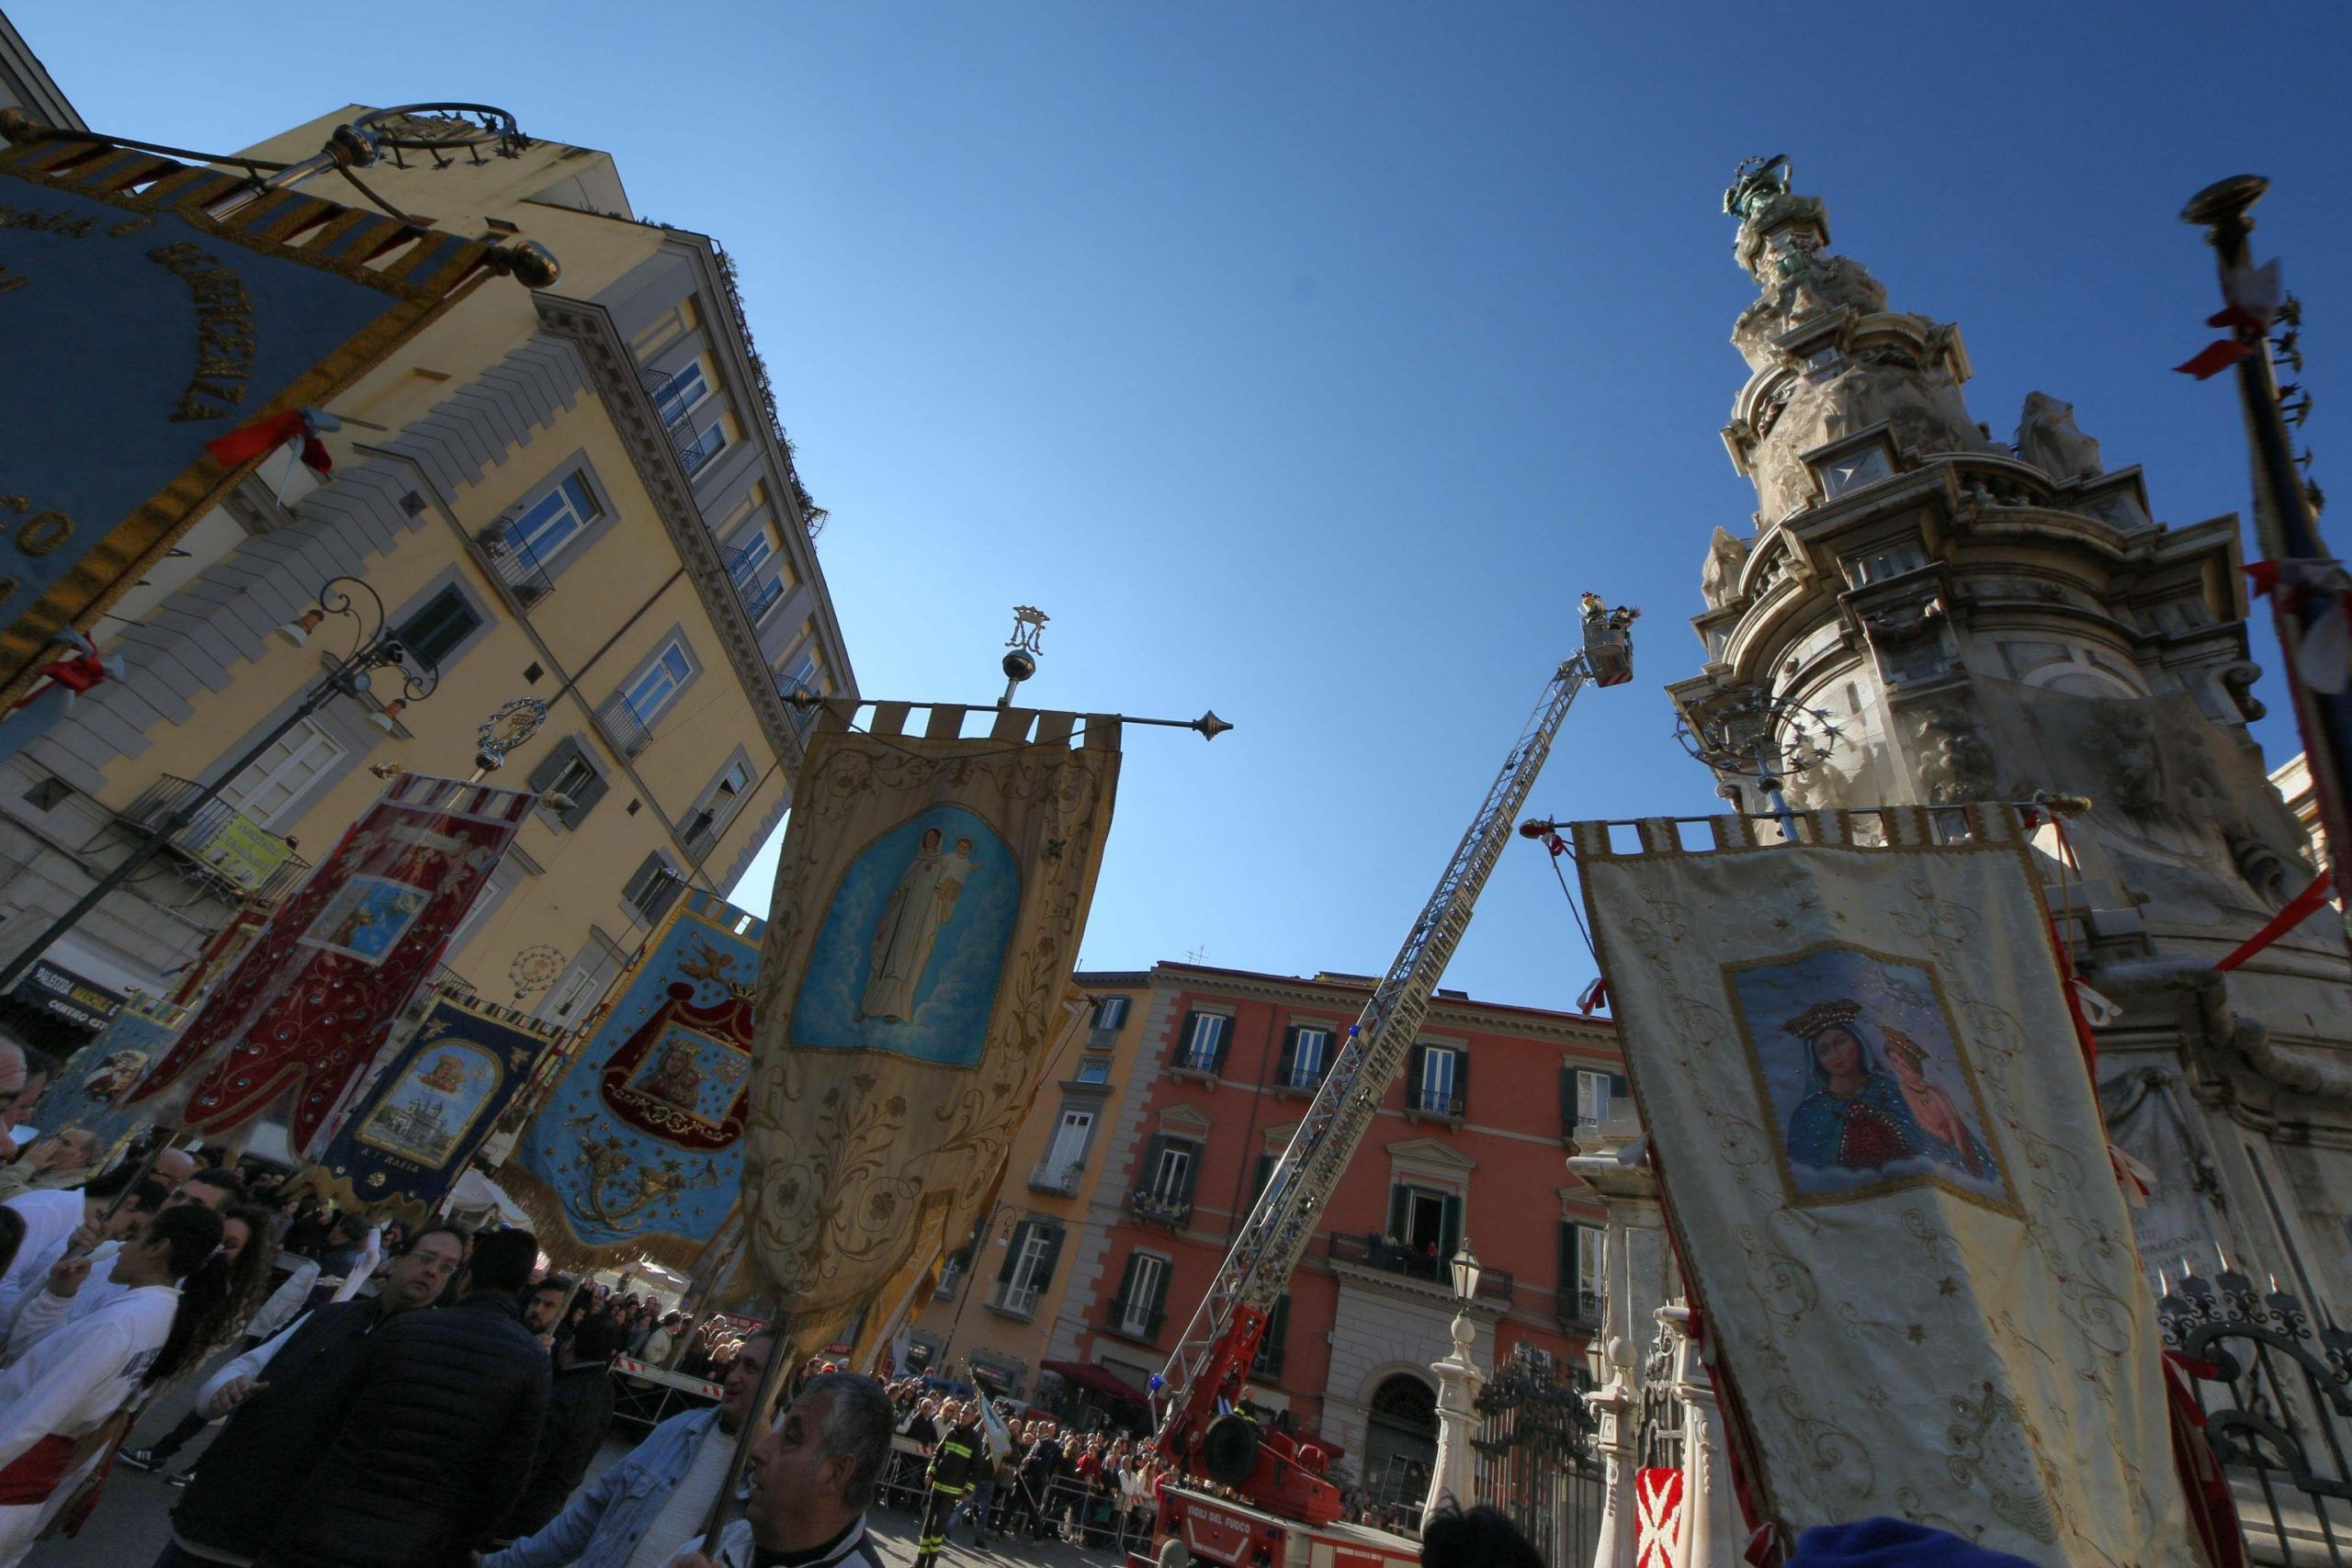 Un momento della Festa dell' Immacolata a Napoli, in Piazza del Gesù